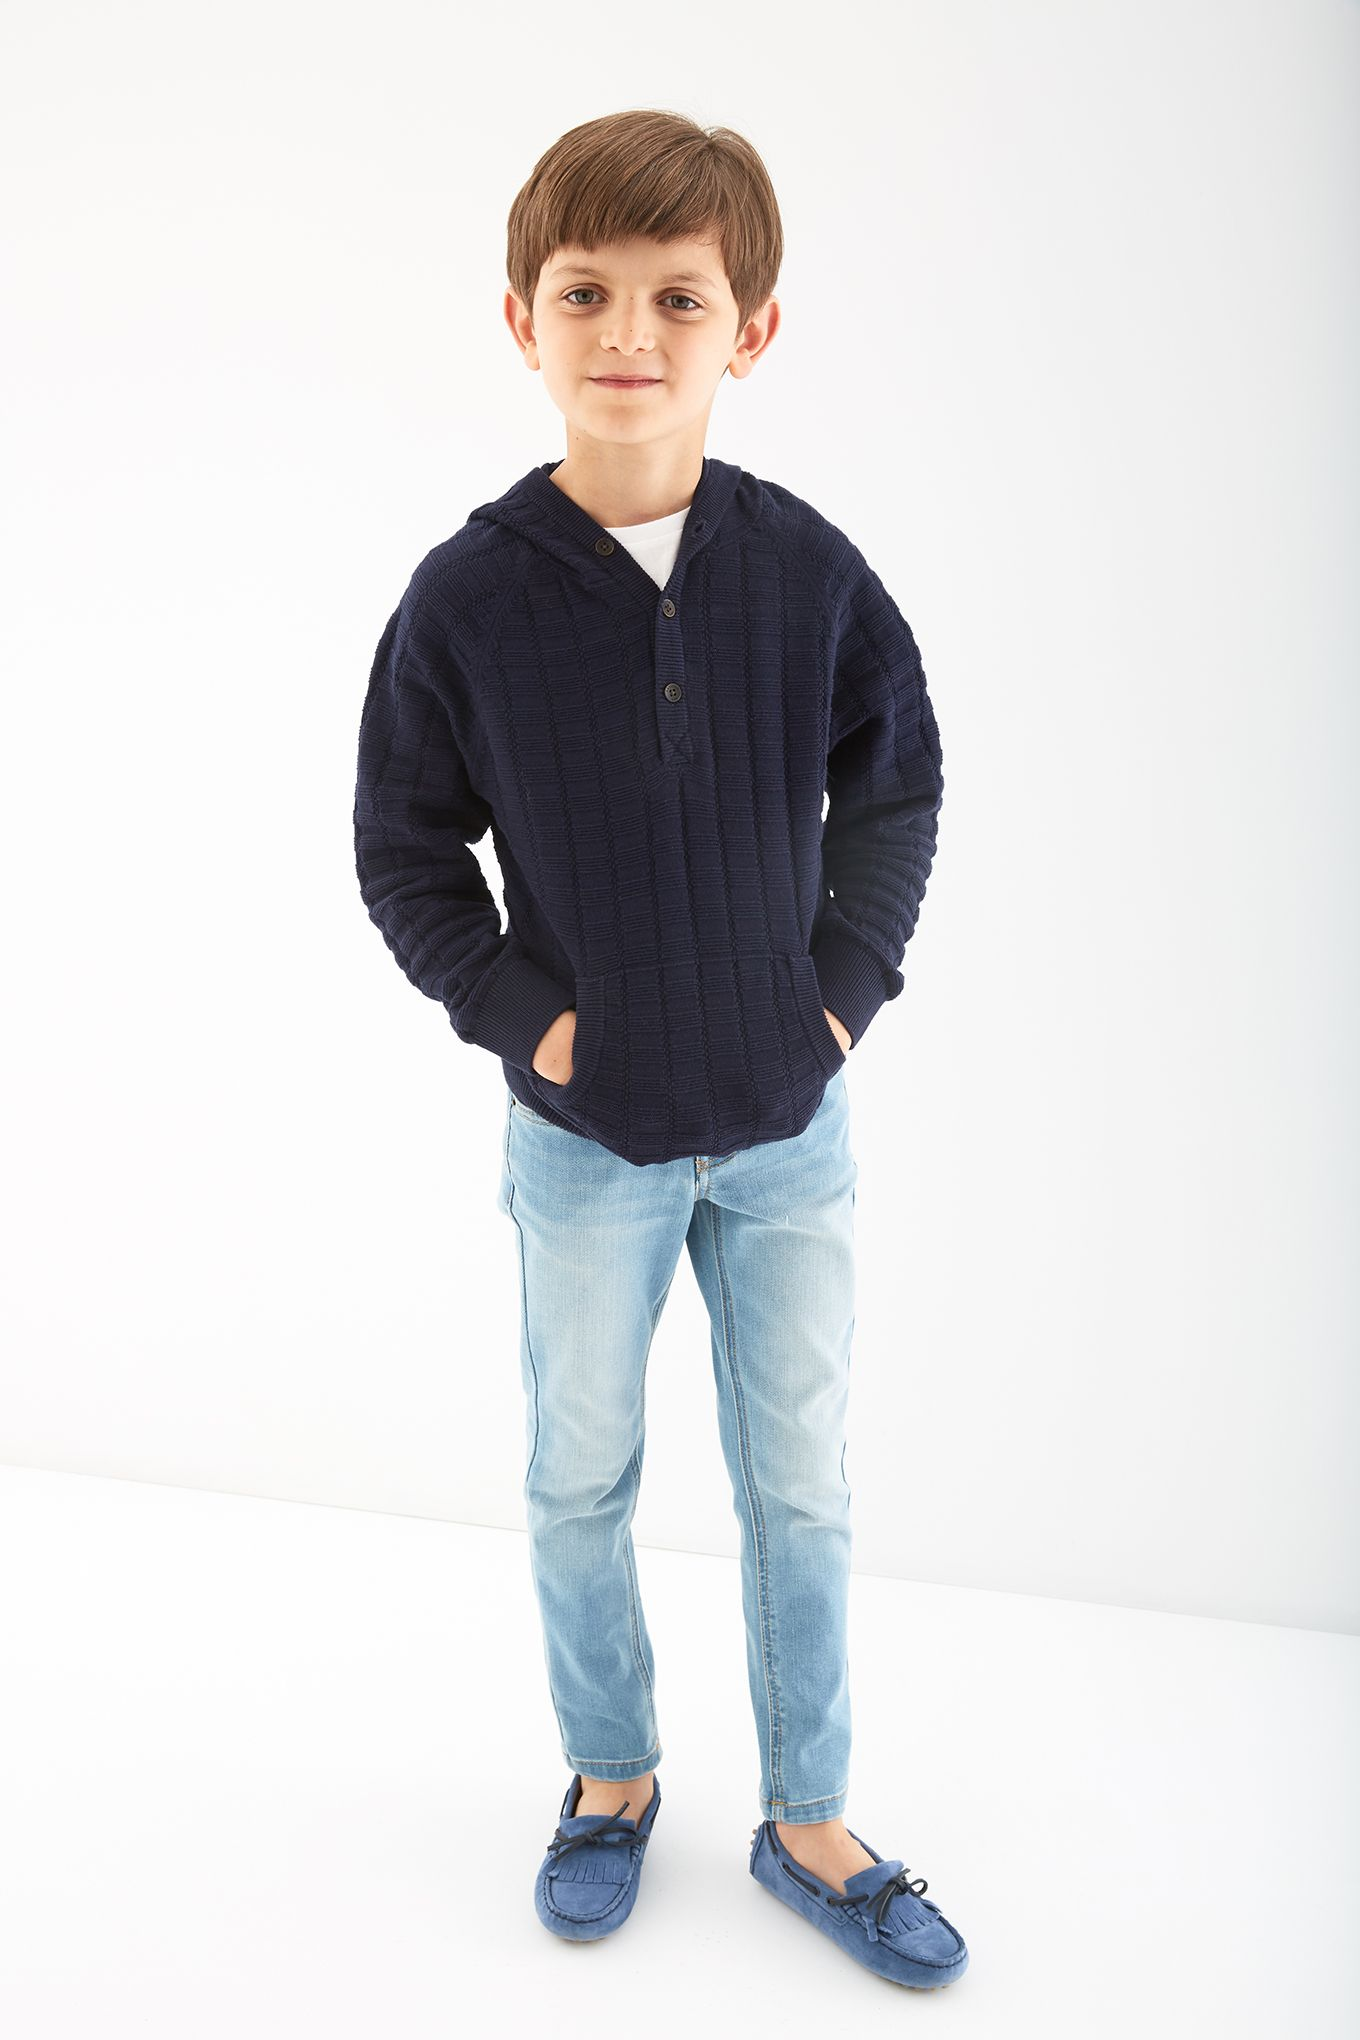 Boys  Sports Knitwear